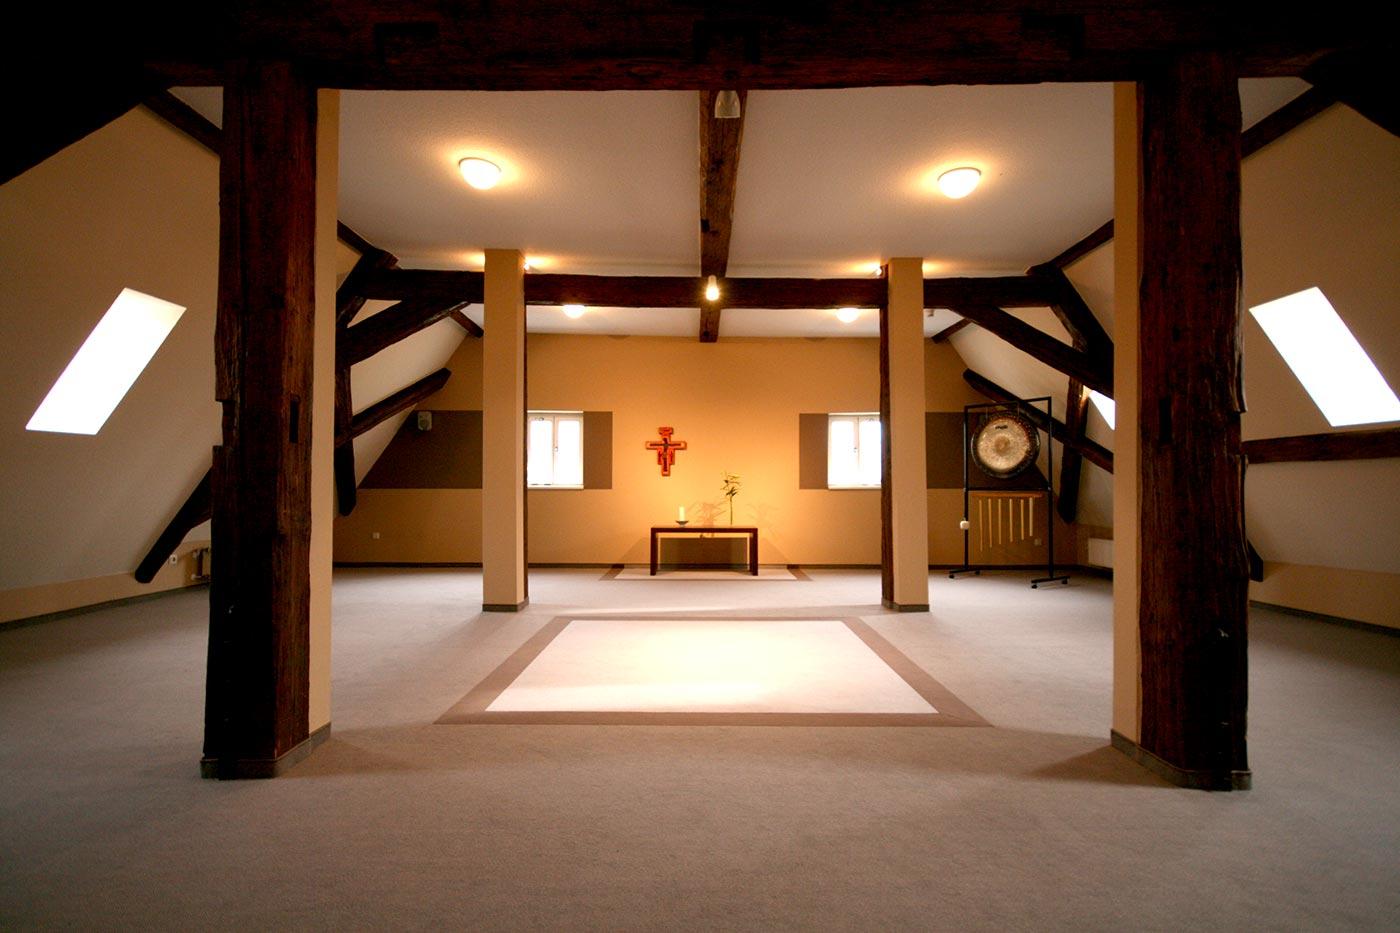 inarte innenarchitektur meditationsraum burg bodenstein. Black Bedroom Furniture Sets. Home Design Ideas